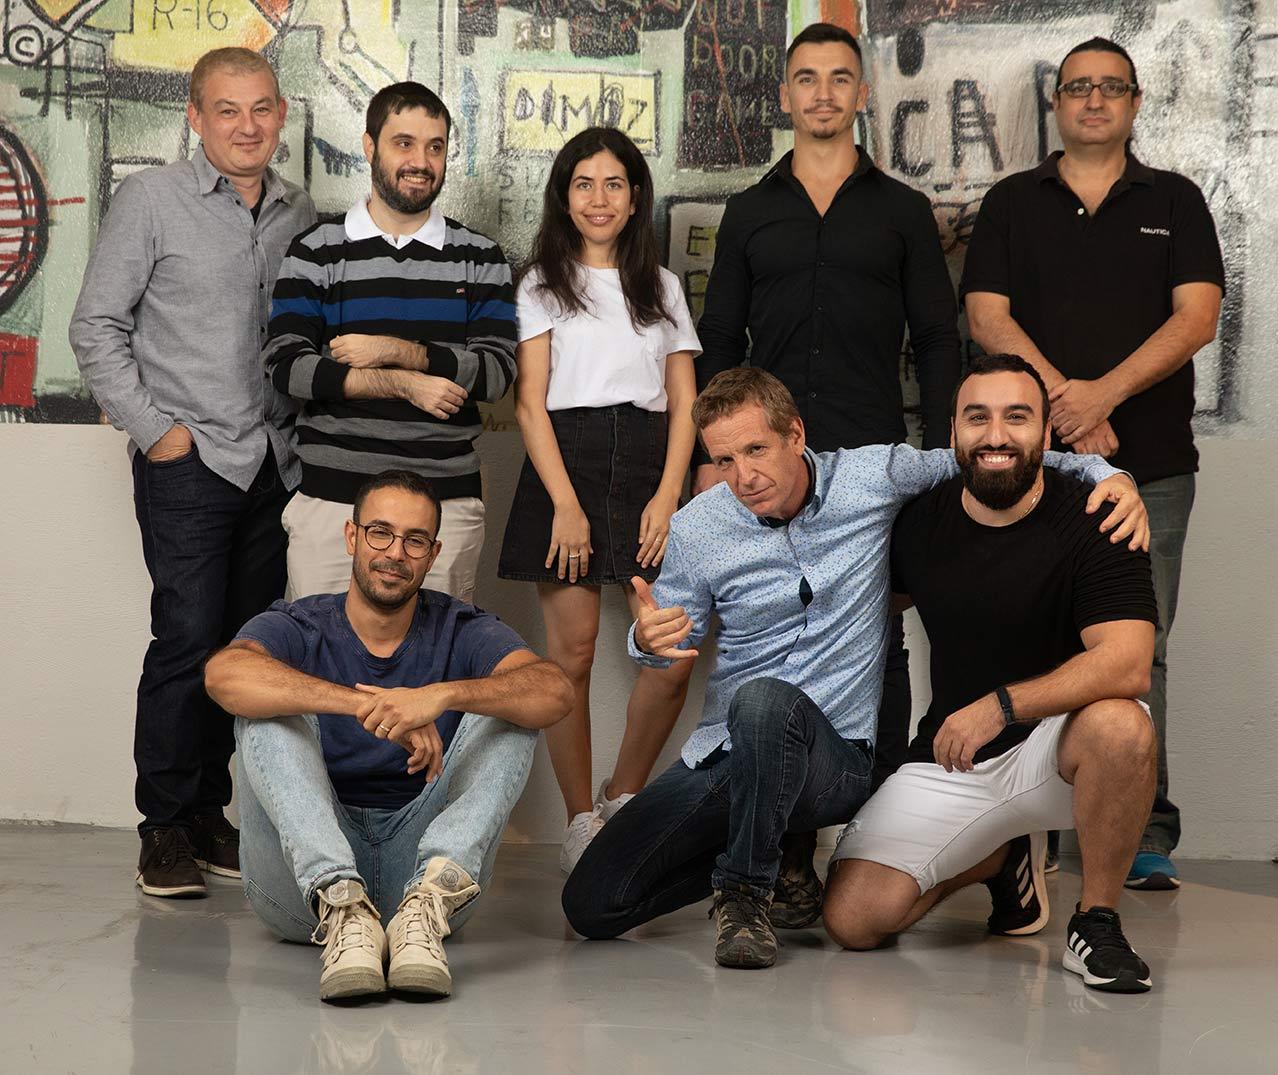 Kardome team members